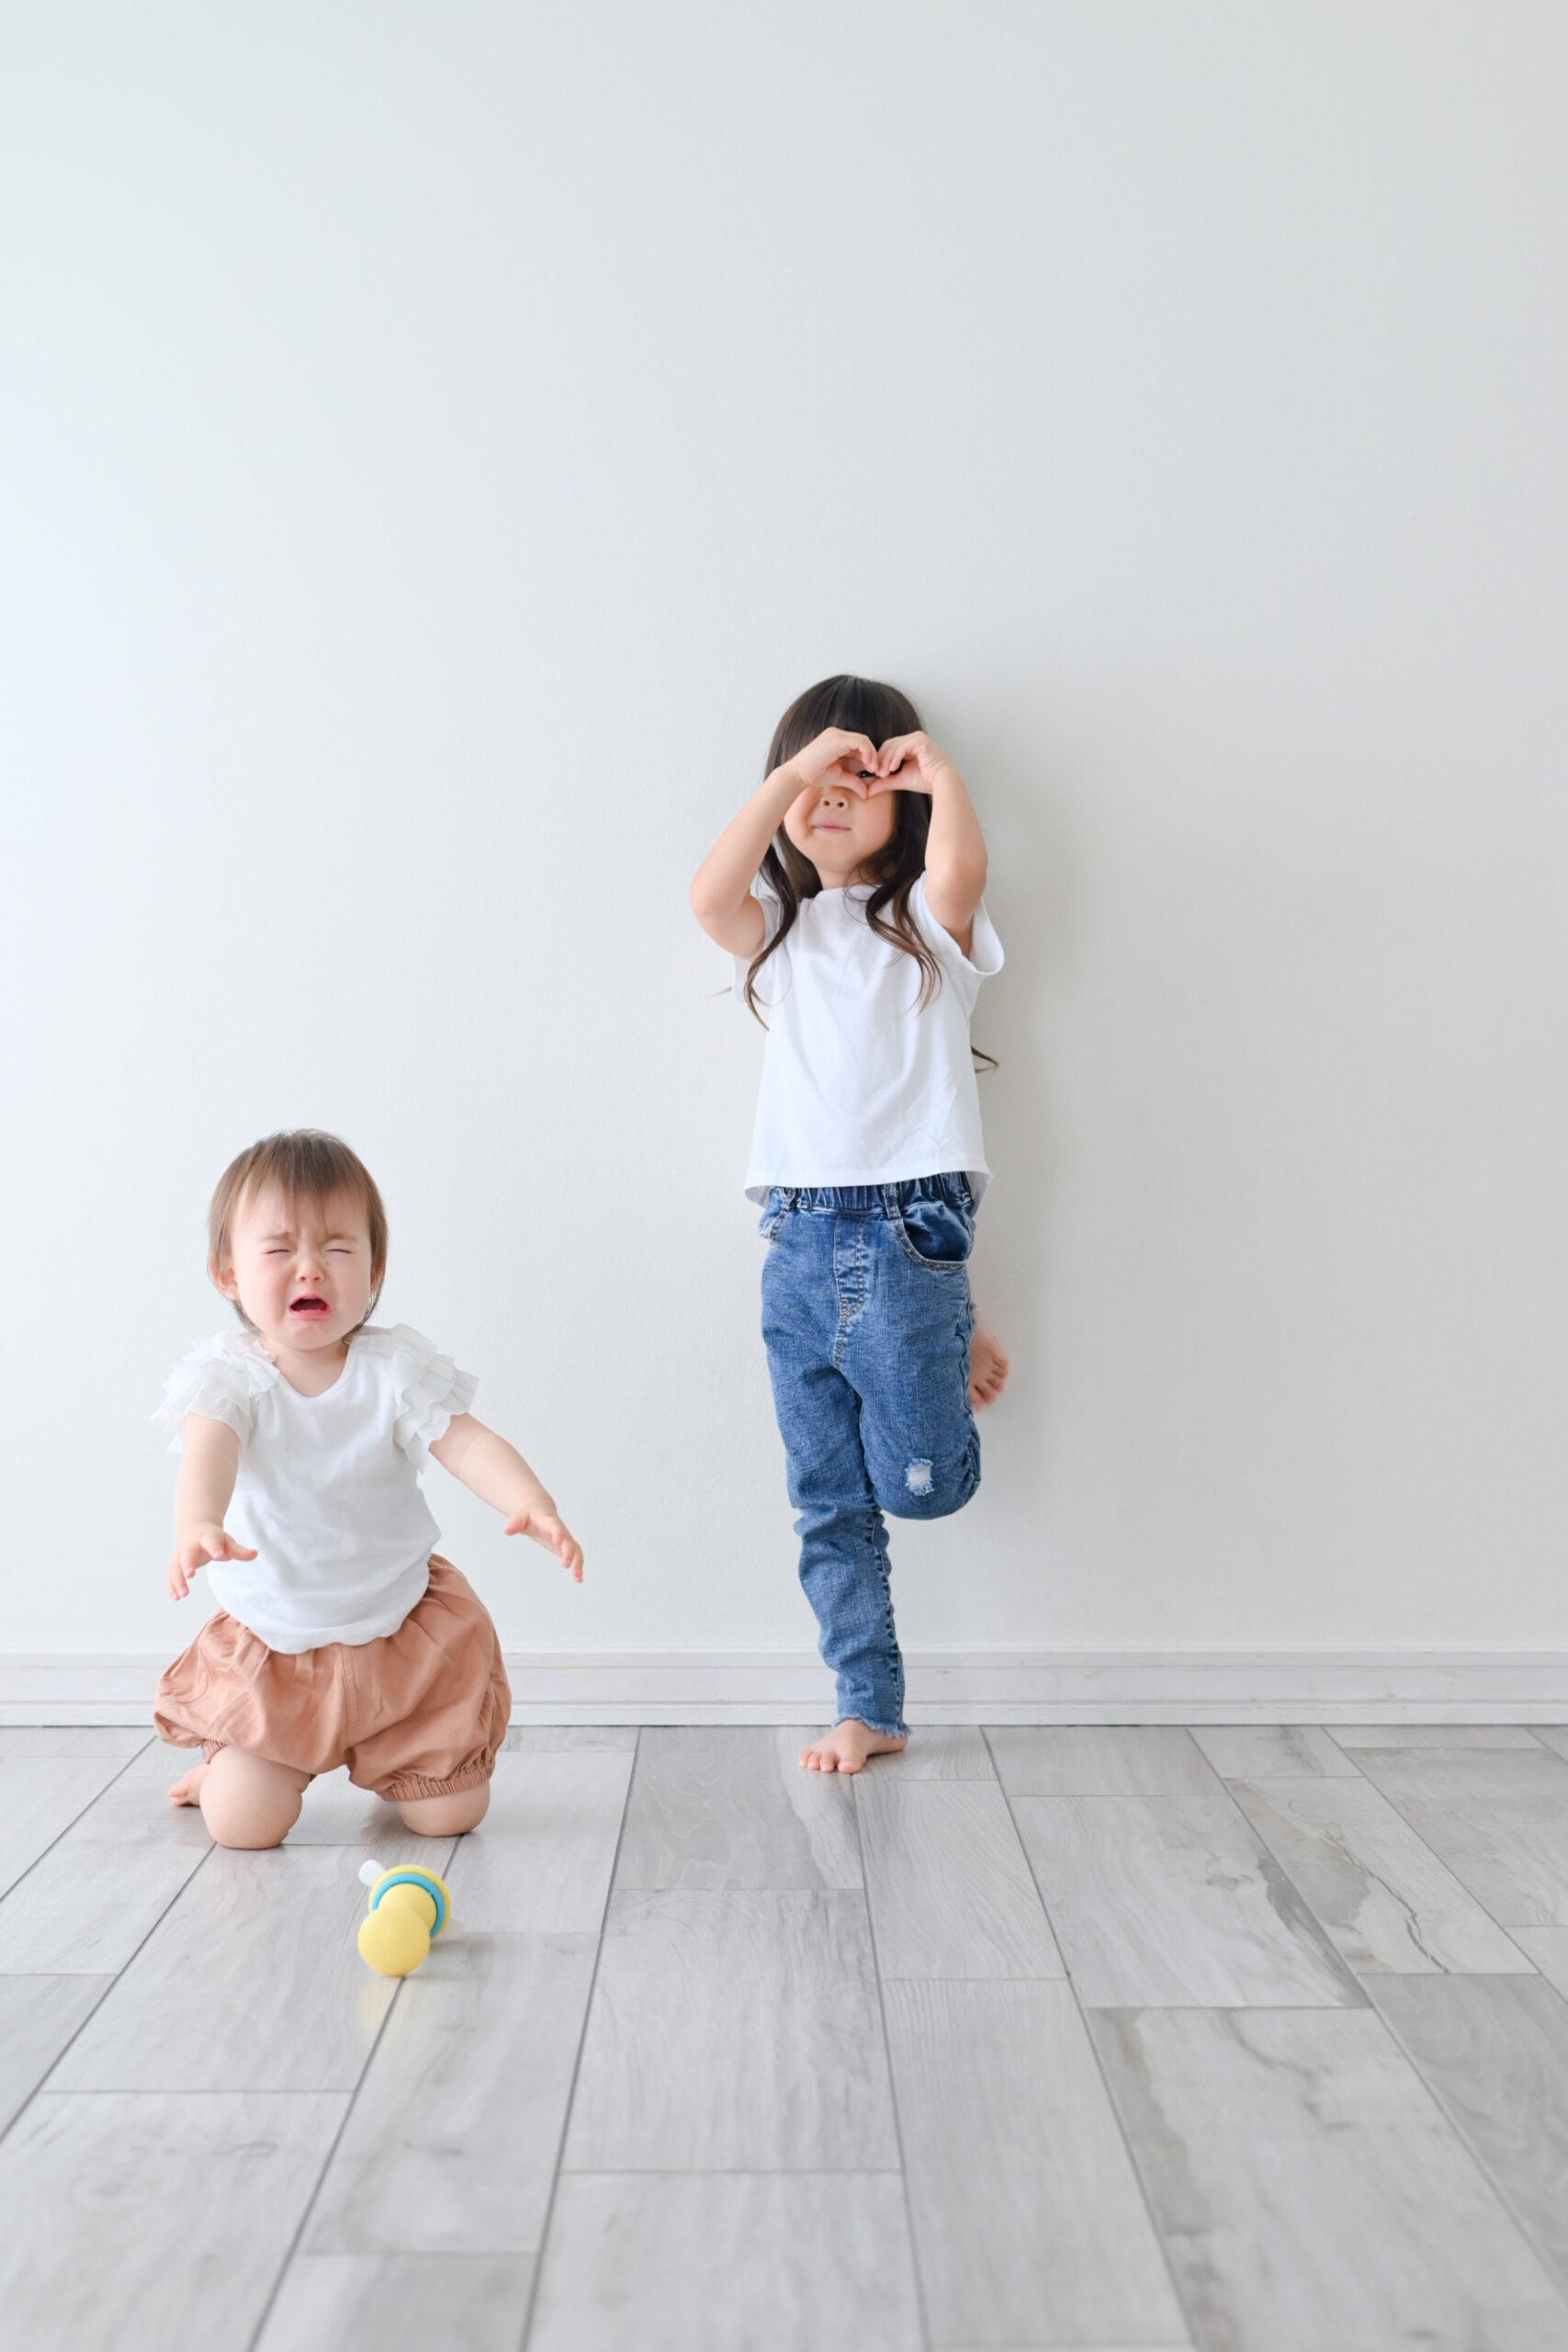 1歳 誕生日 女の子 おめでとう 宇都宮フォトスタジオ フォトジェニックサクラスタジオ ママが離れて悲しい! 姉妹写真